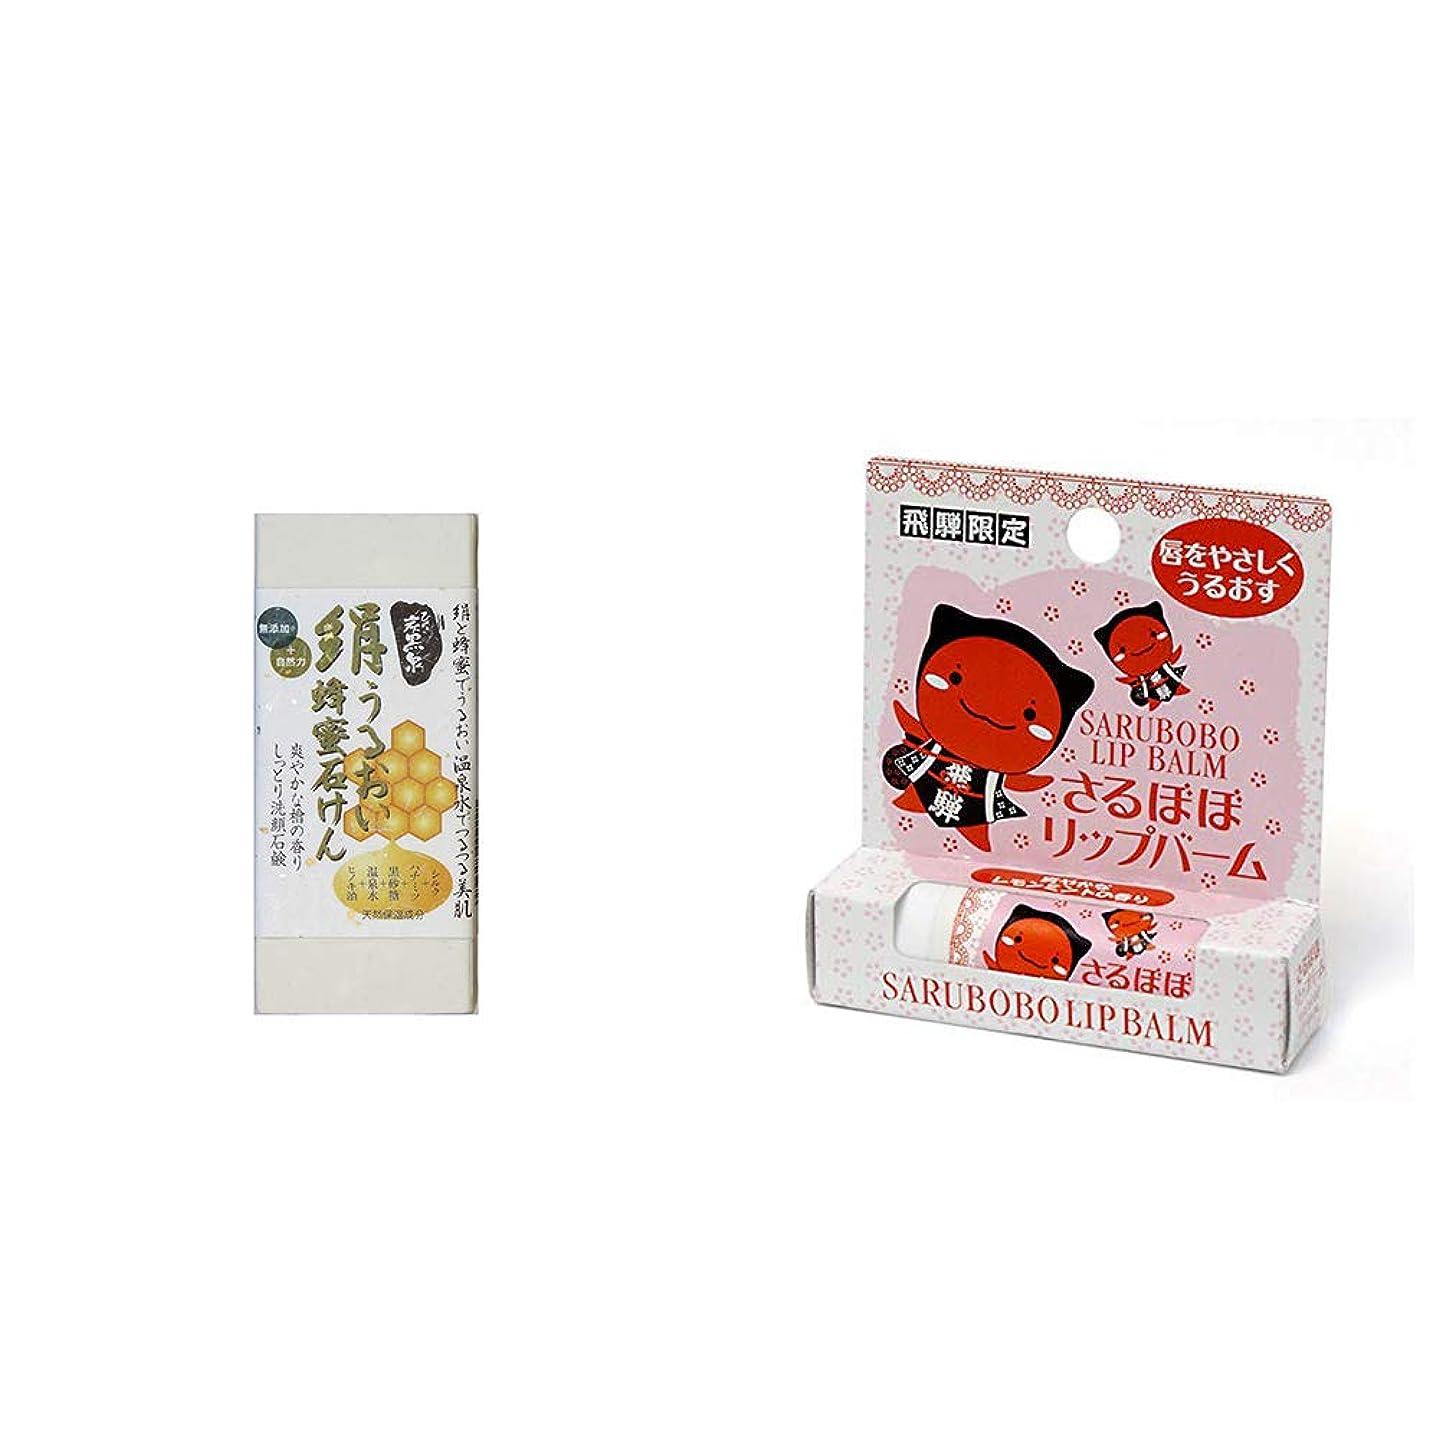 [2点セット] ひのき炭黒泉 絹うるおい蜂蜜石けん(75g×2)?さるぼぼ リップバーム(4g)